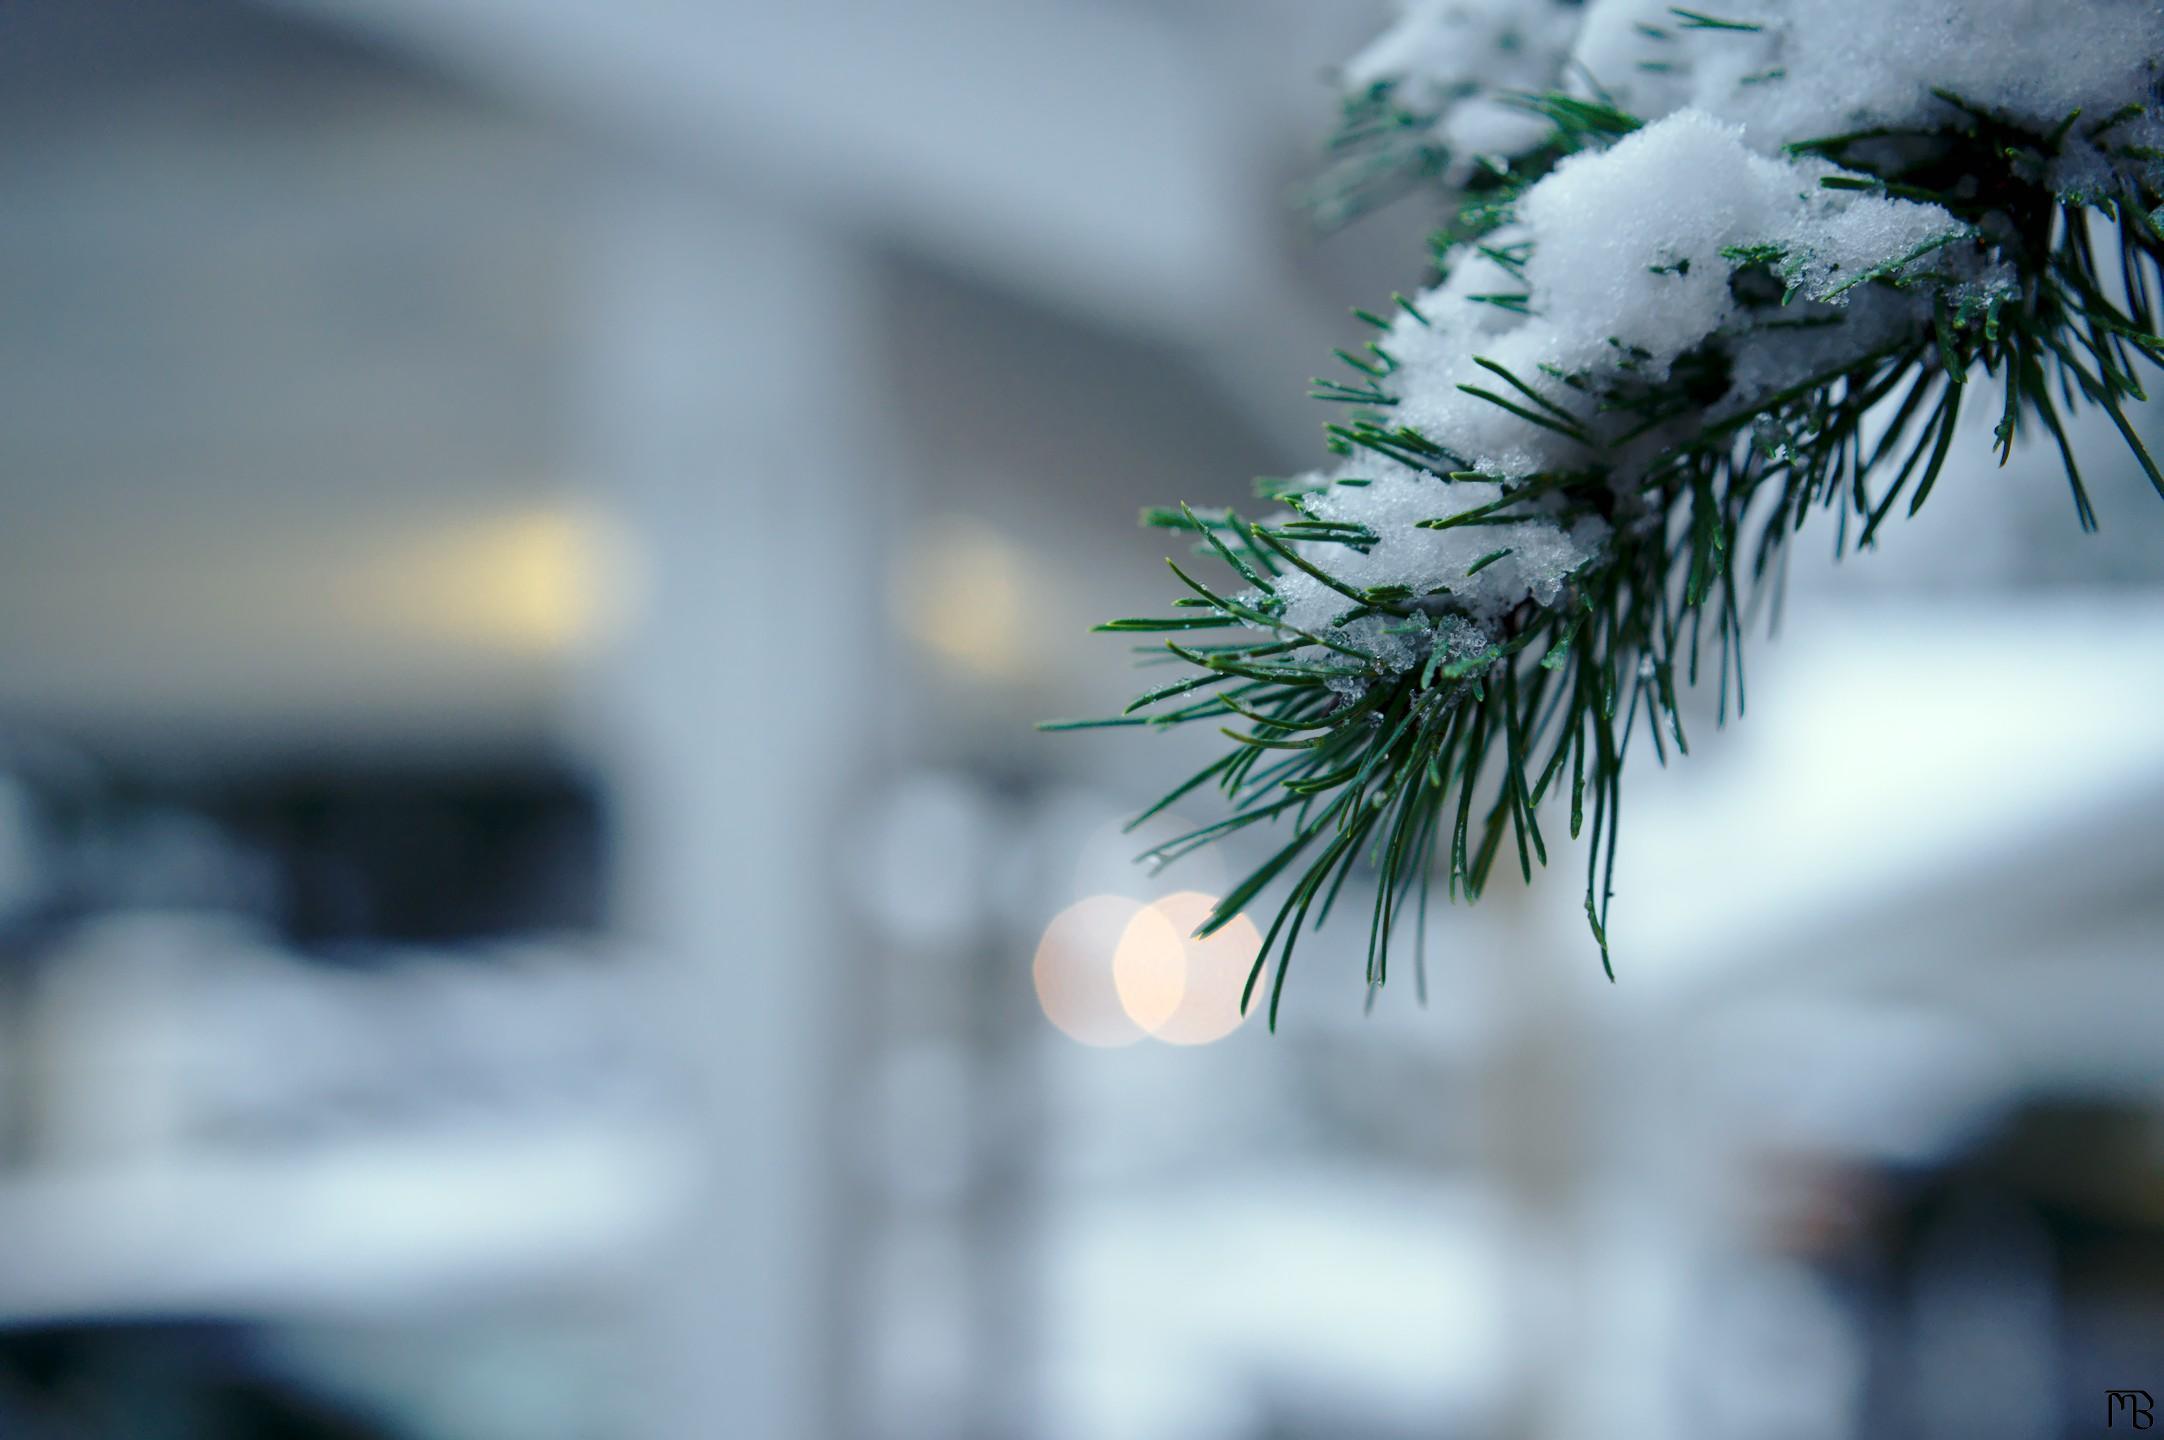 Snow on branch near garage